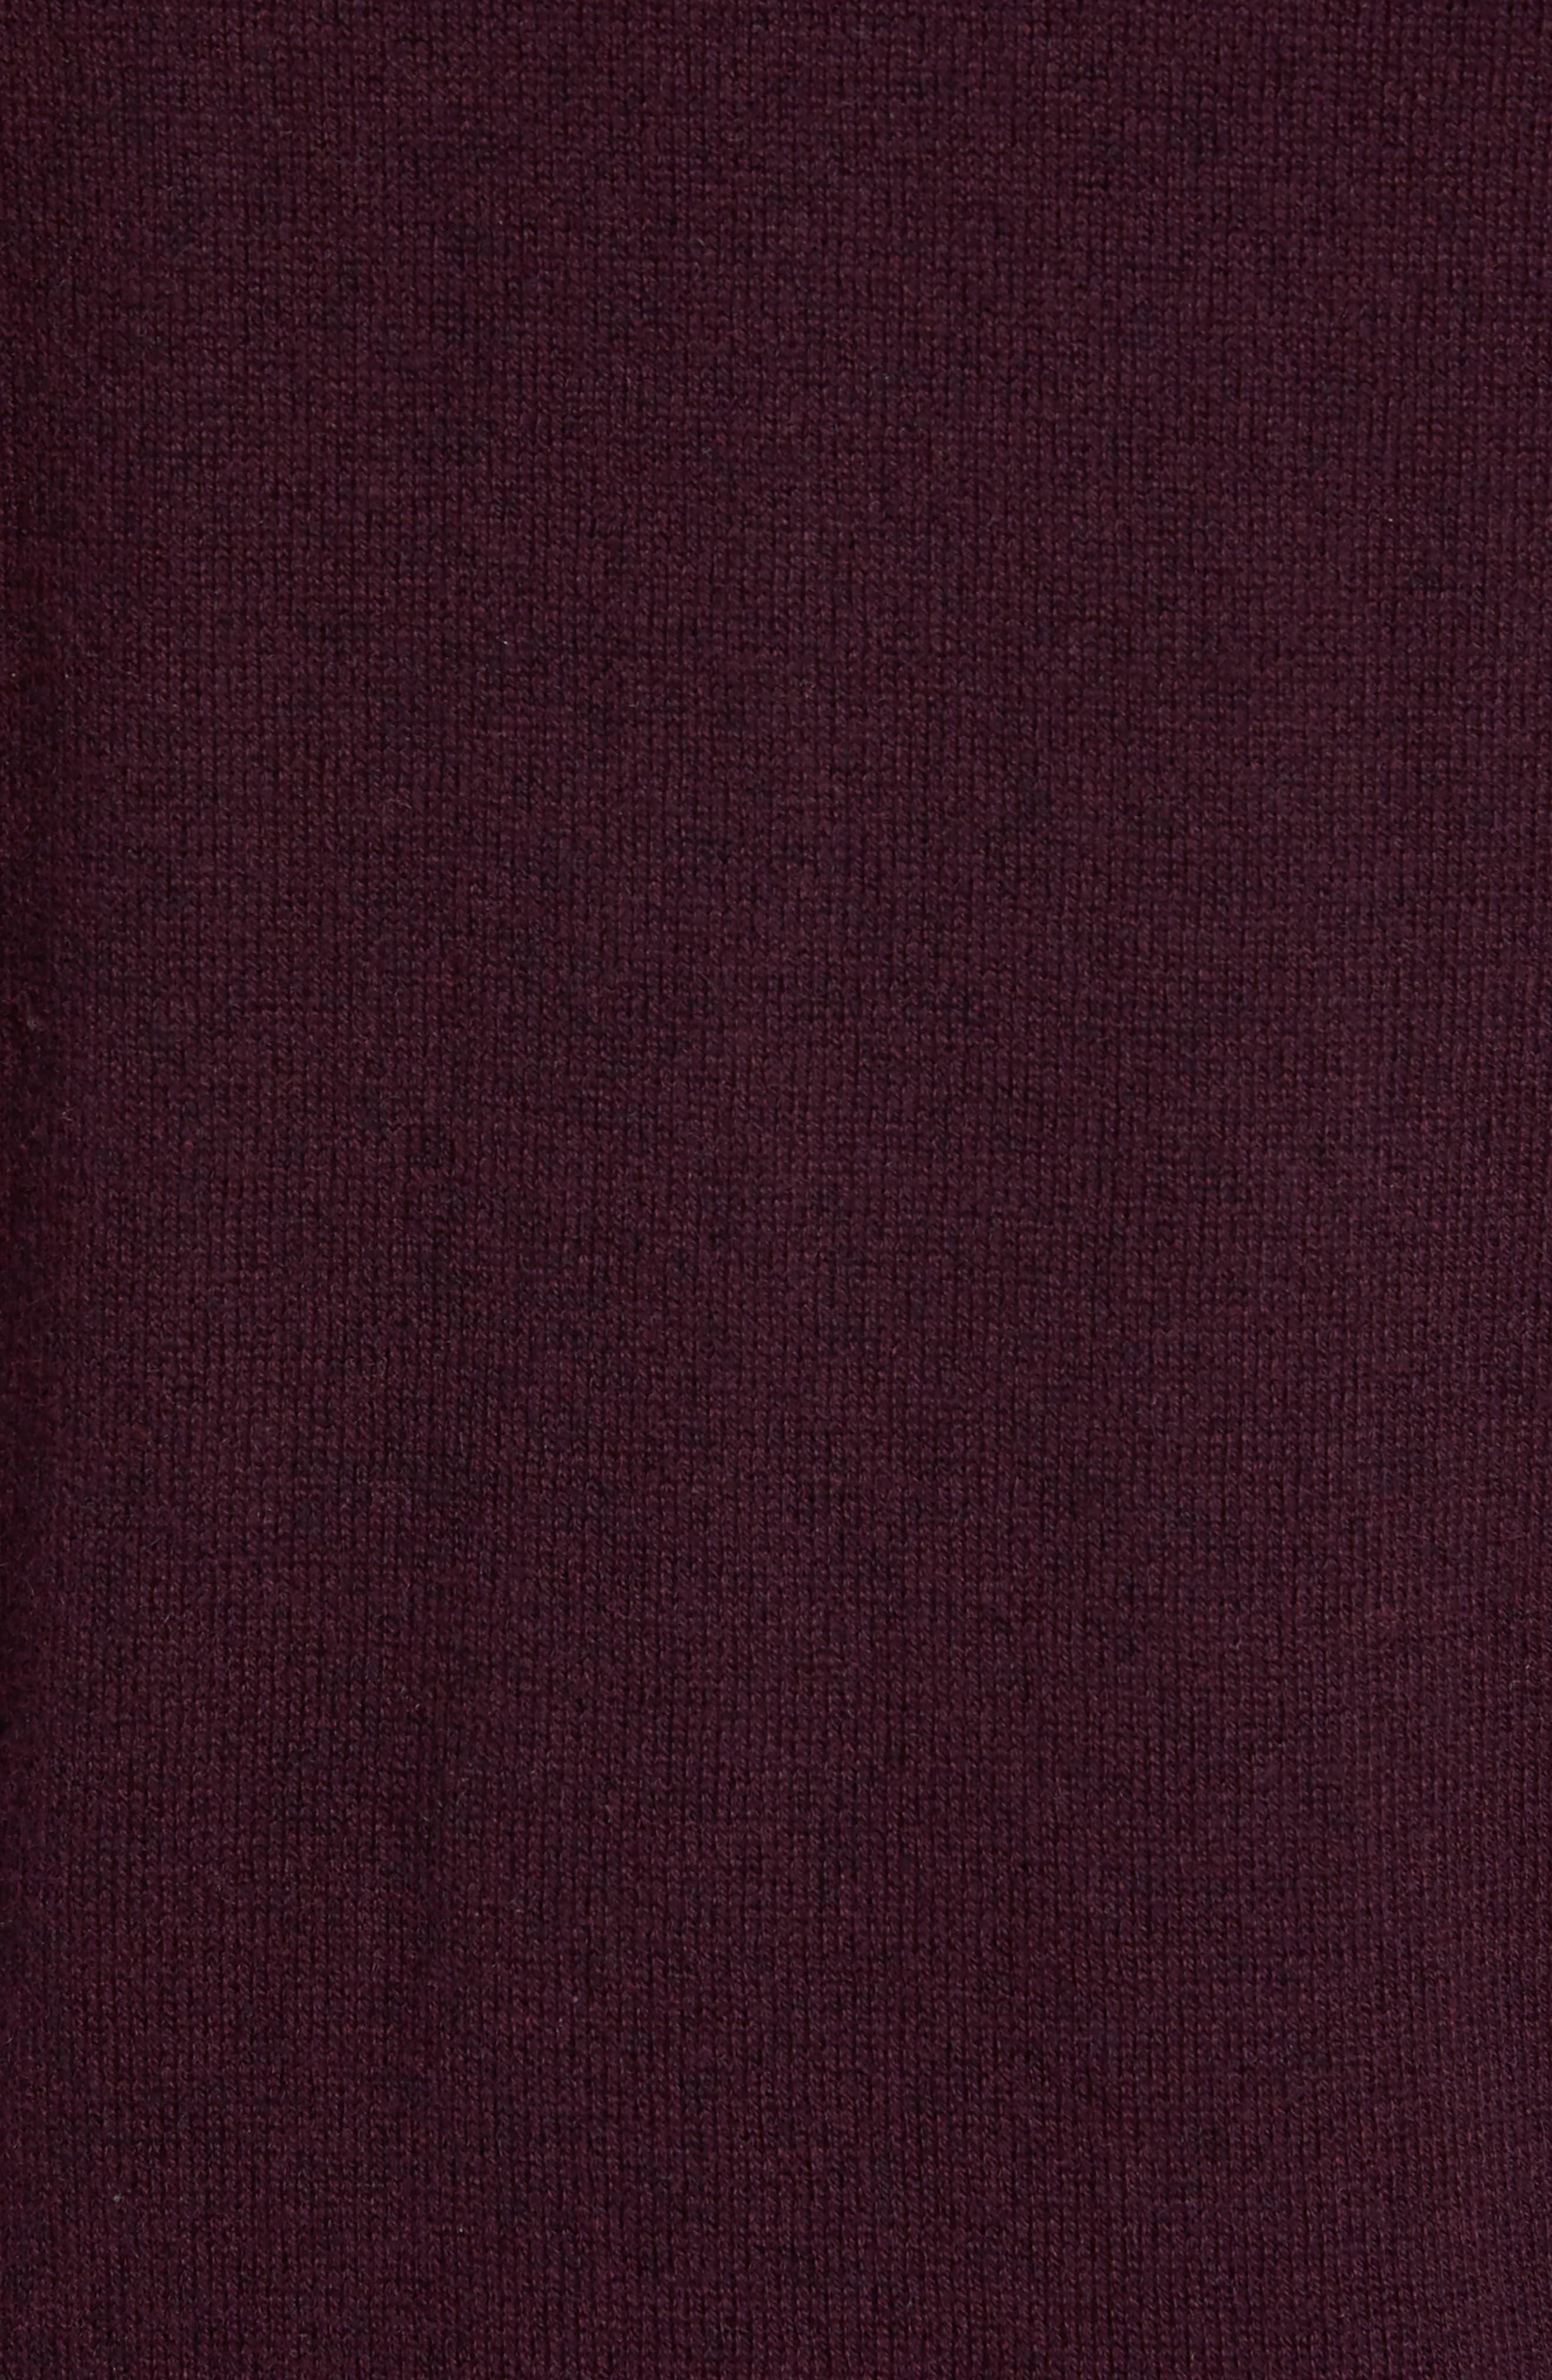 Cotton & Cashmere Quarter Zip Sweater,                             Alternate thumbnail 5, color,                             600